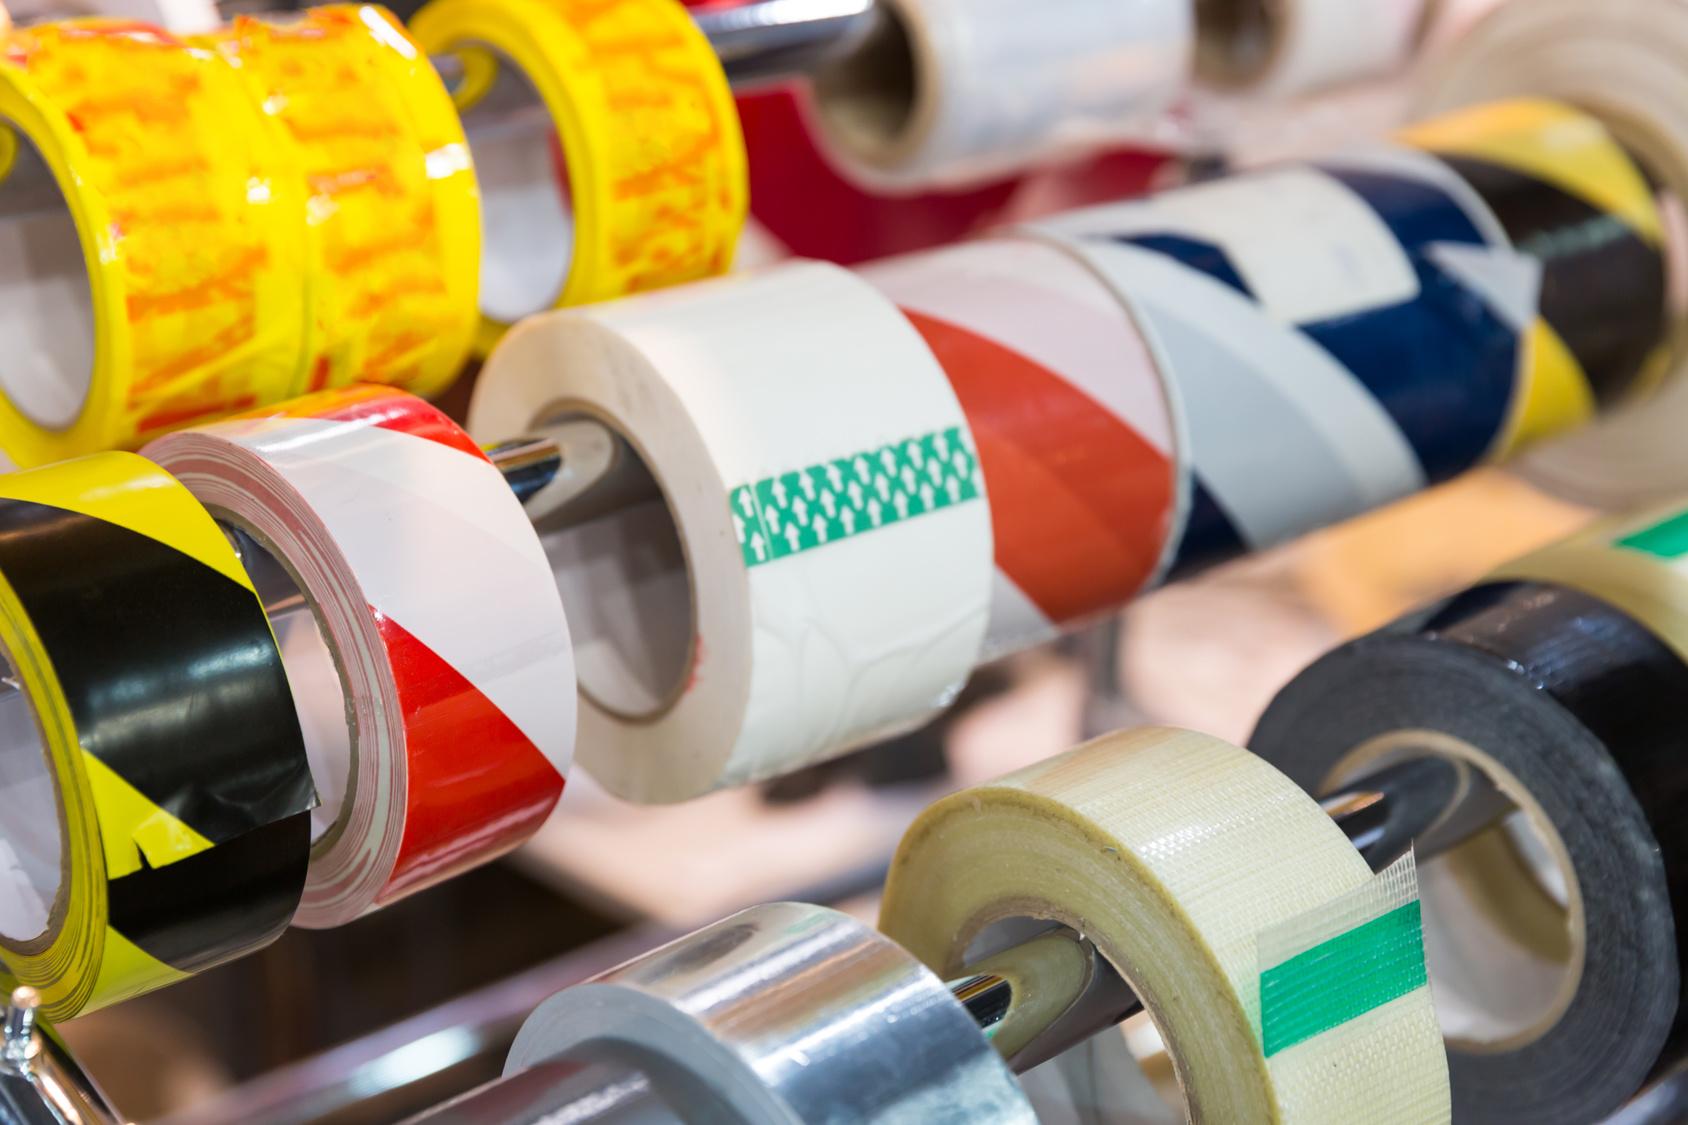 Nastri adesivi personalizzati Torrile Parma